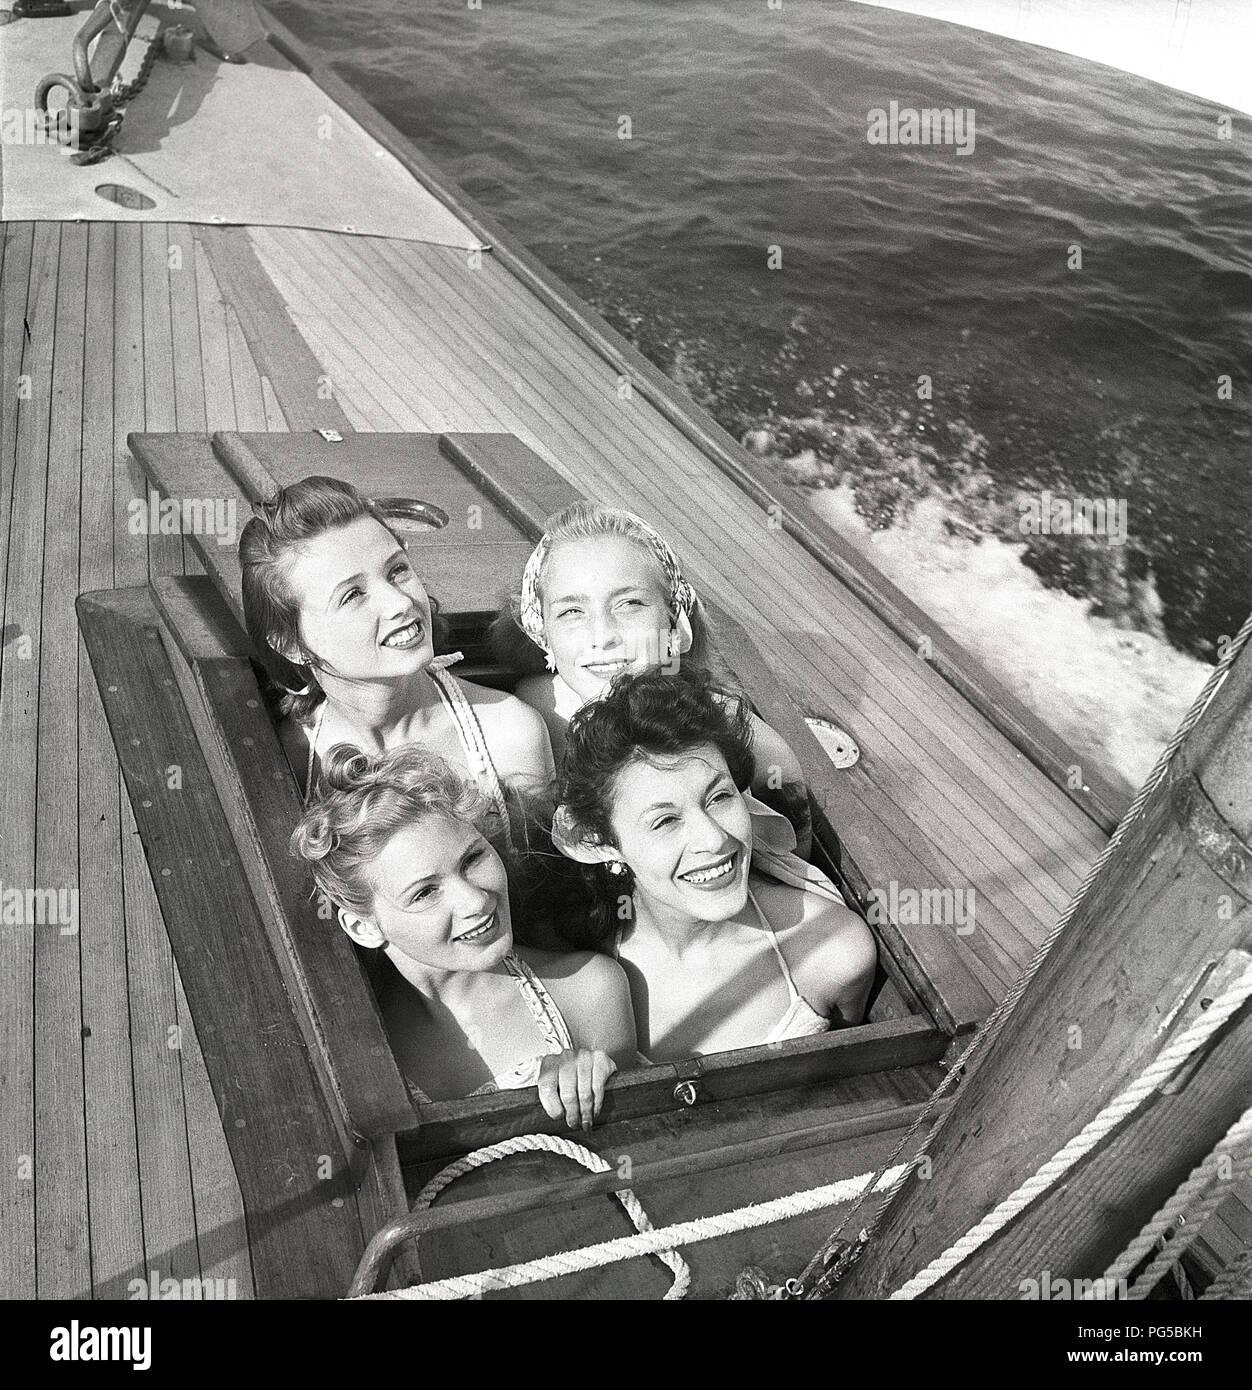 1940 s Segelboot. Vier junge Frauen sind, genießen Sie einen Tag am Meer auf einem eleganten hölzernen Segelboot. Sie haben unter Deck gewesen und jetzt werden Sie durch die Klappe und lächelt. Schweden 1946 Foto Kristoffersson ref AC 101-5 Stockbild